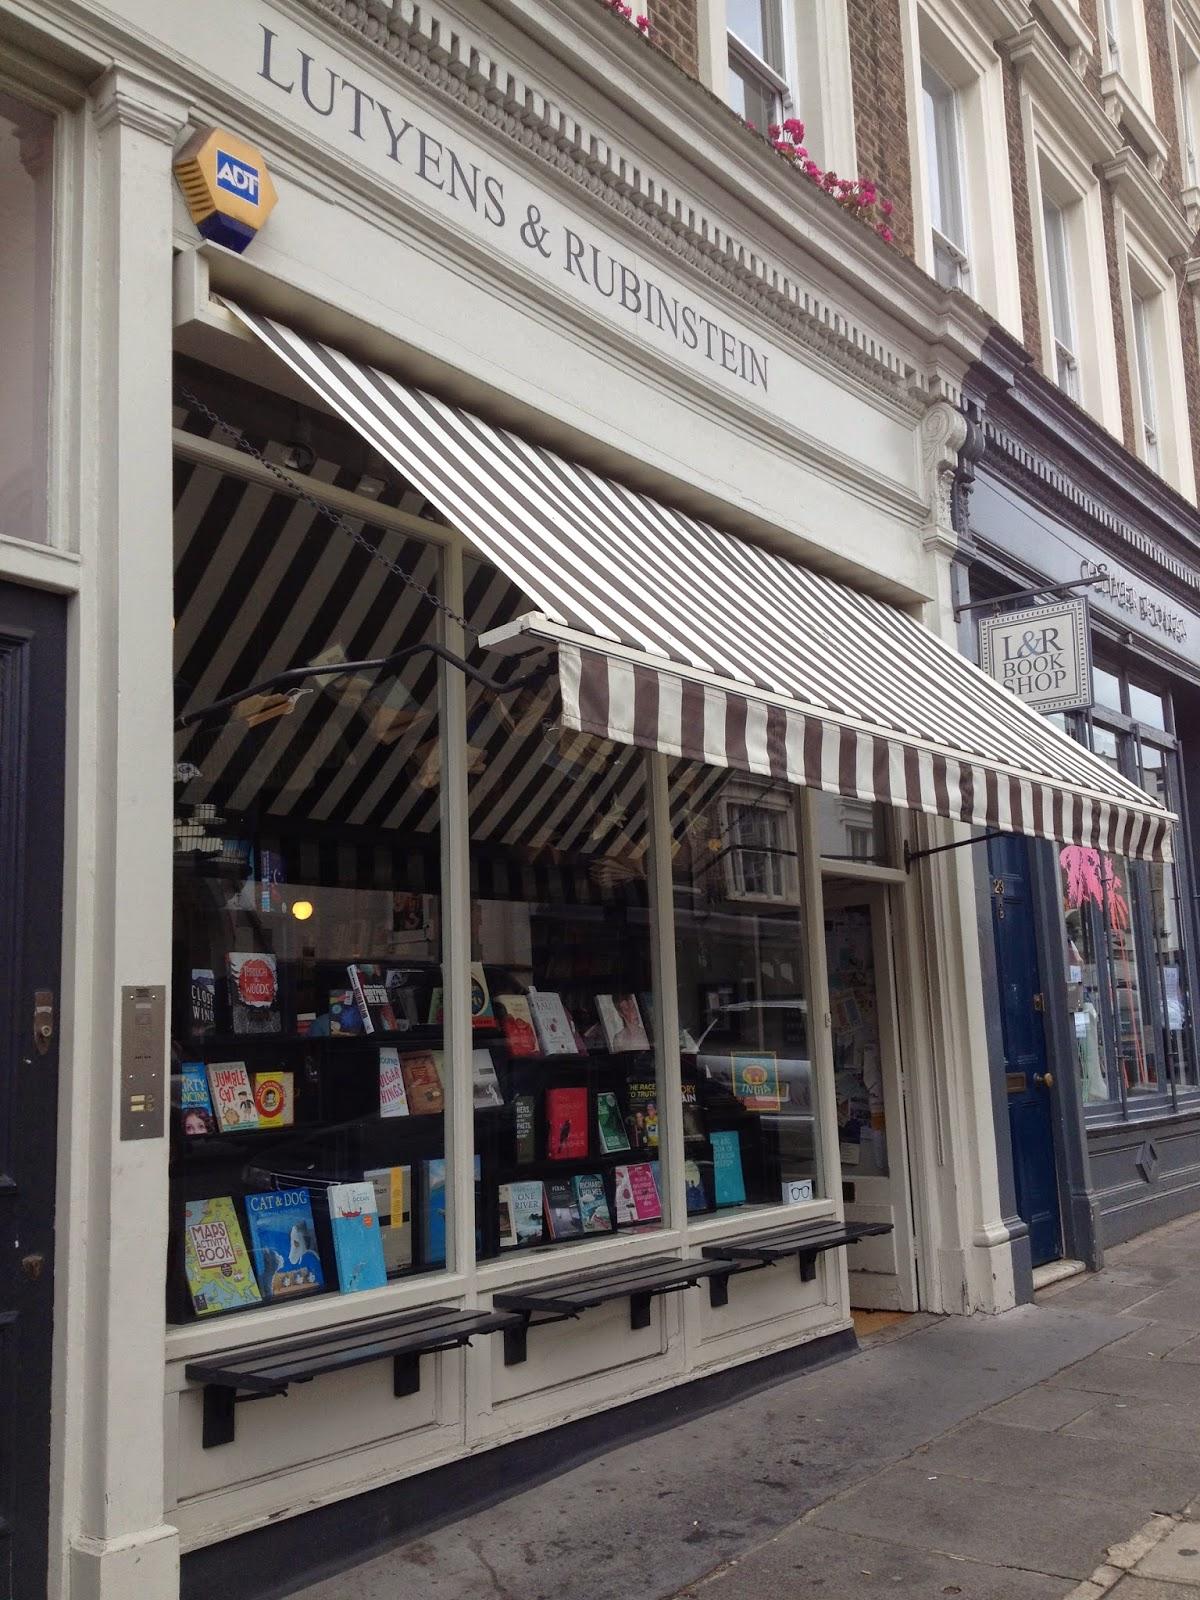 Lutyens-Rubinstein-bookshop-7